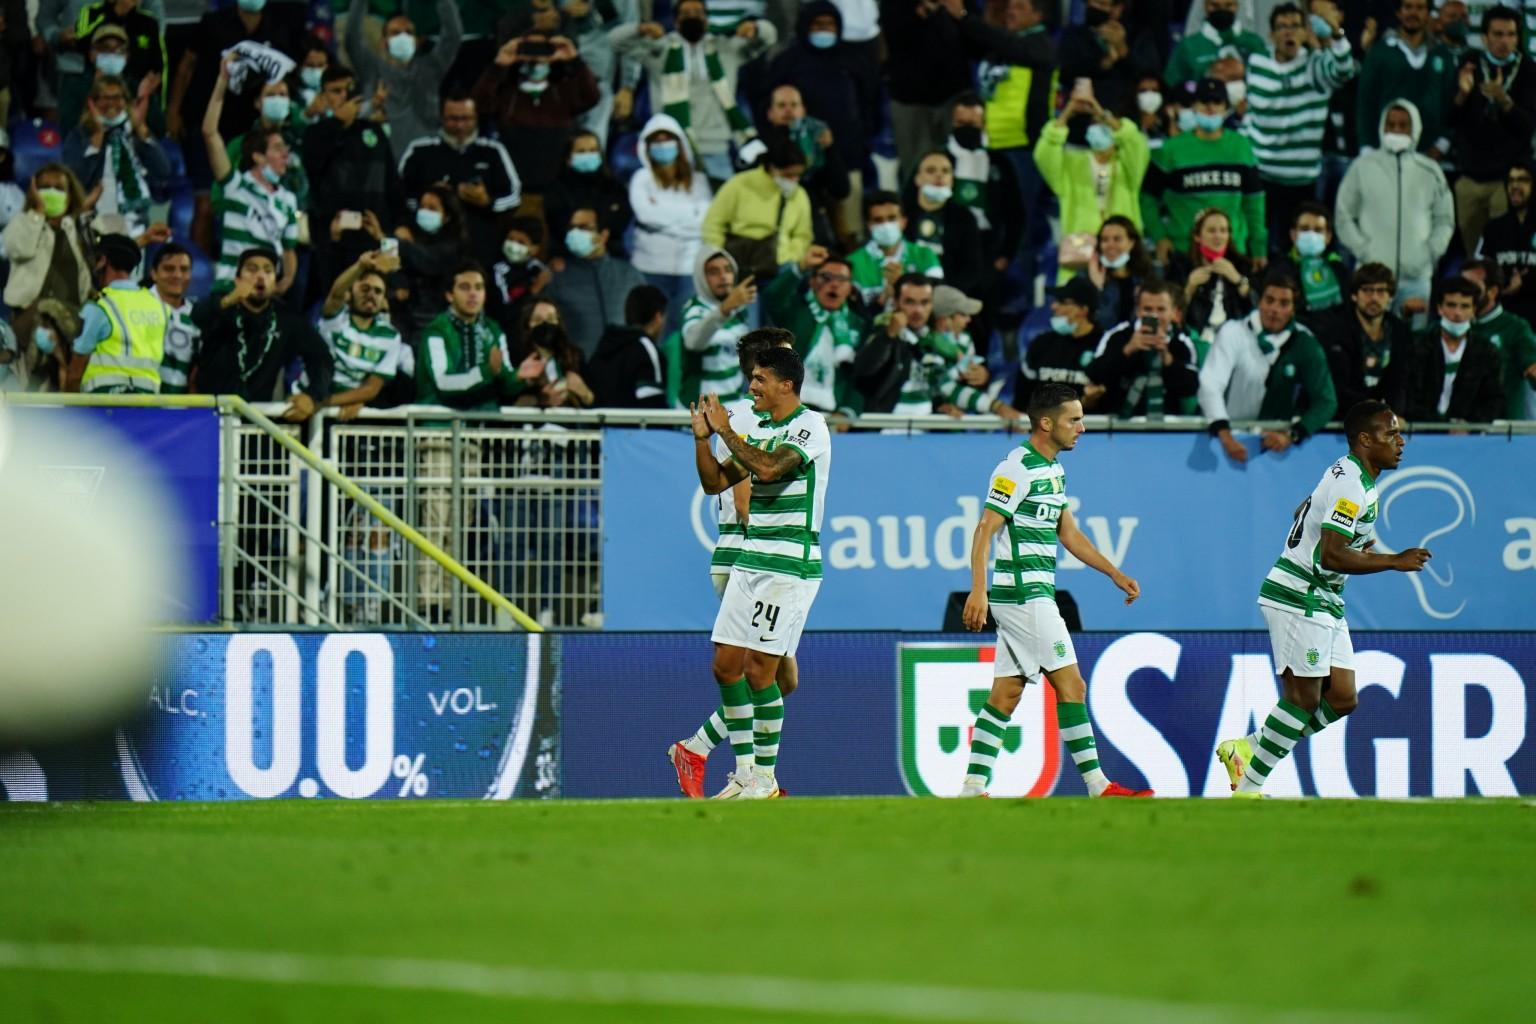 En su casa Sporting CP derrotó a Marítimo 1 a 0